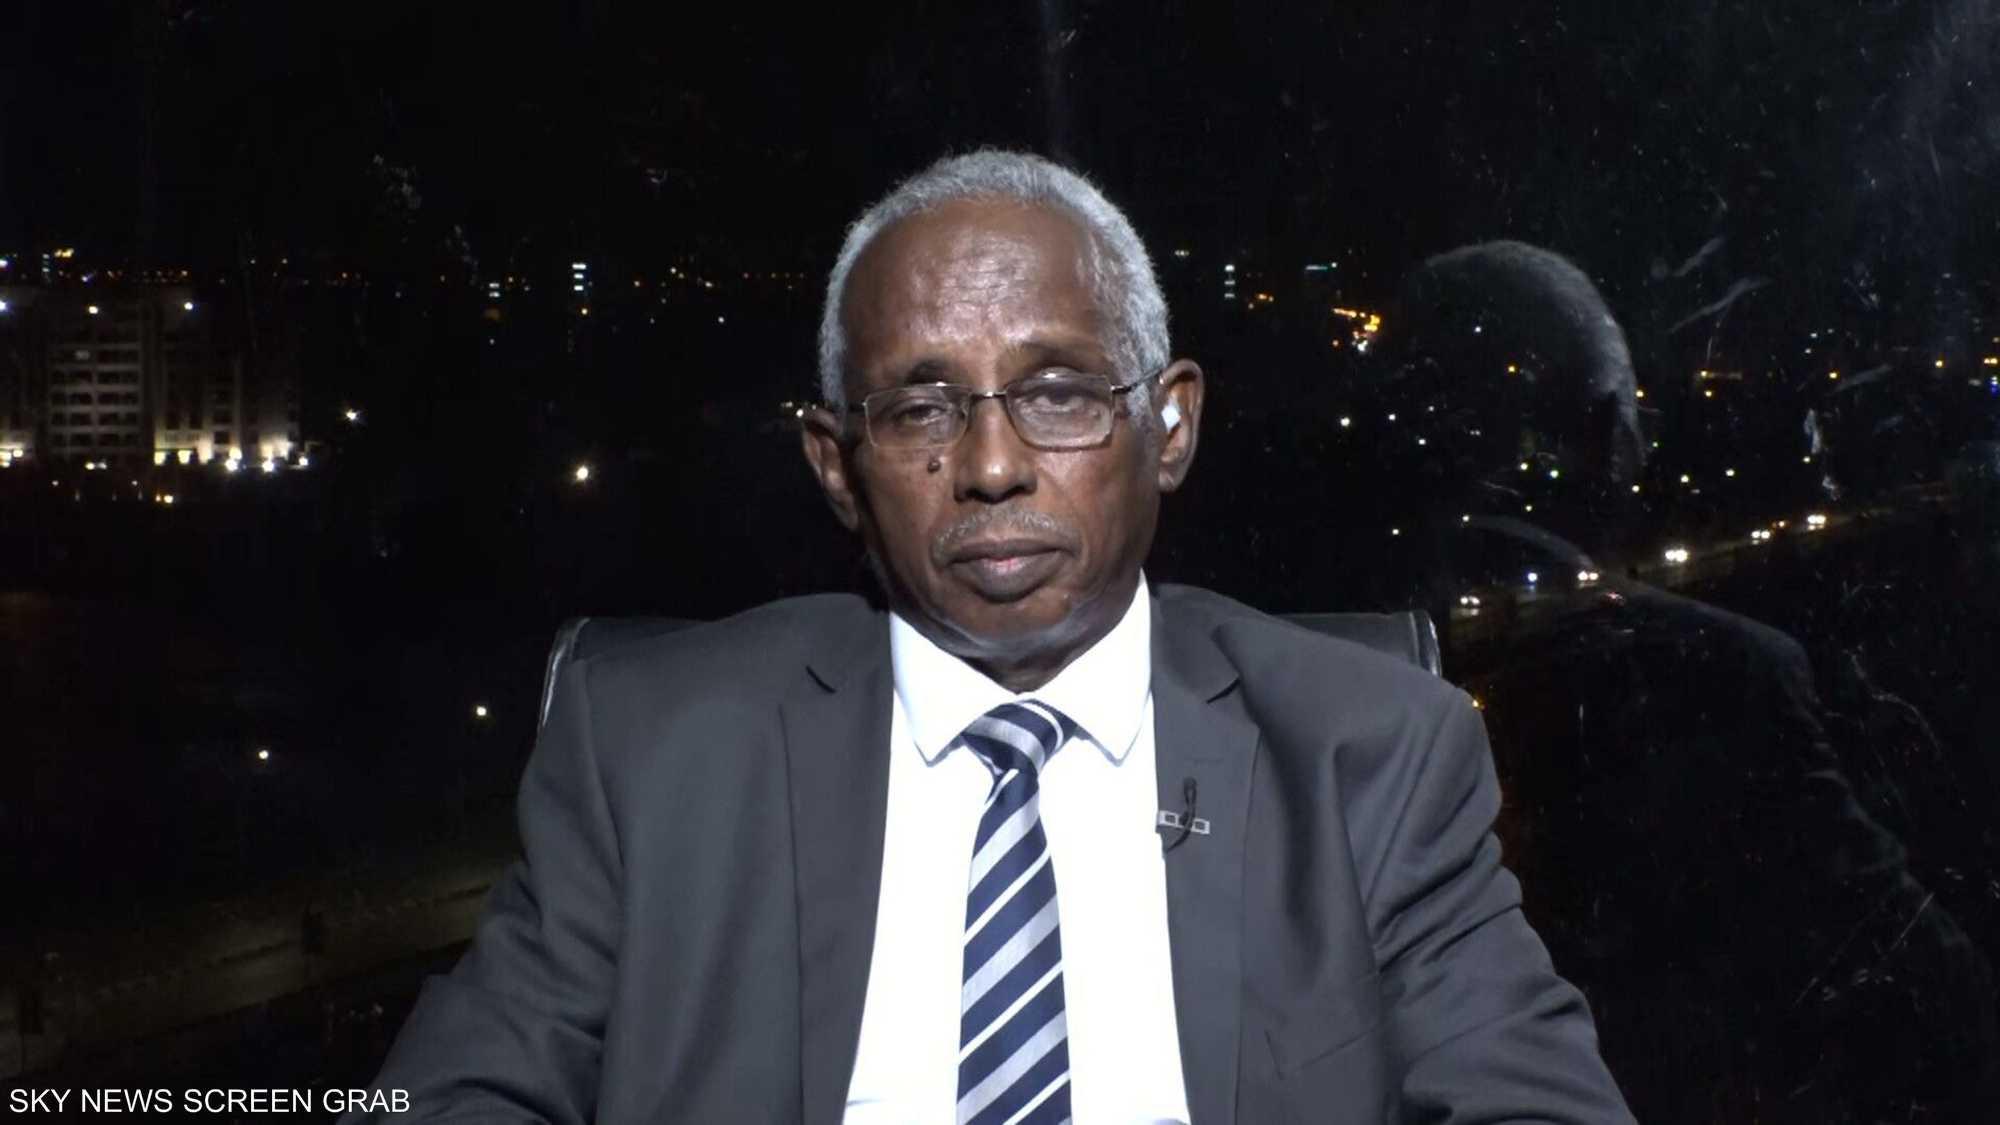 السودان.. لقاء الإعلان الدستوري وترقب الحلول